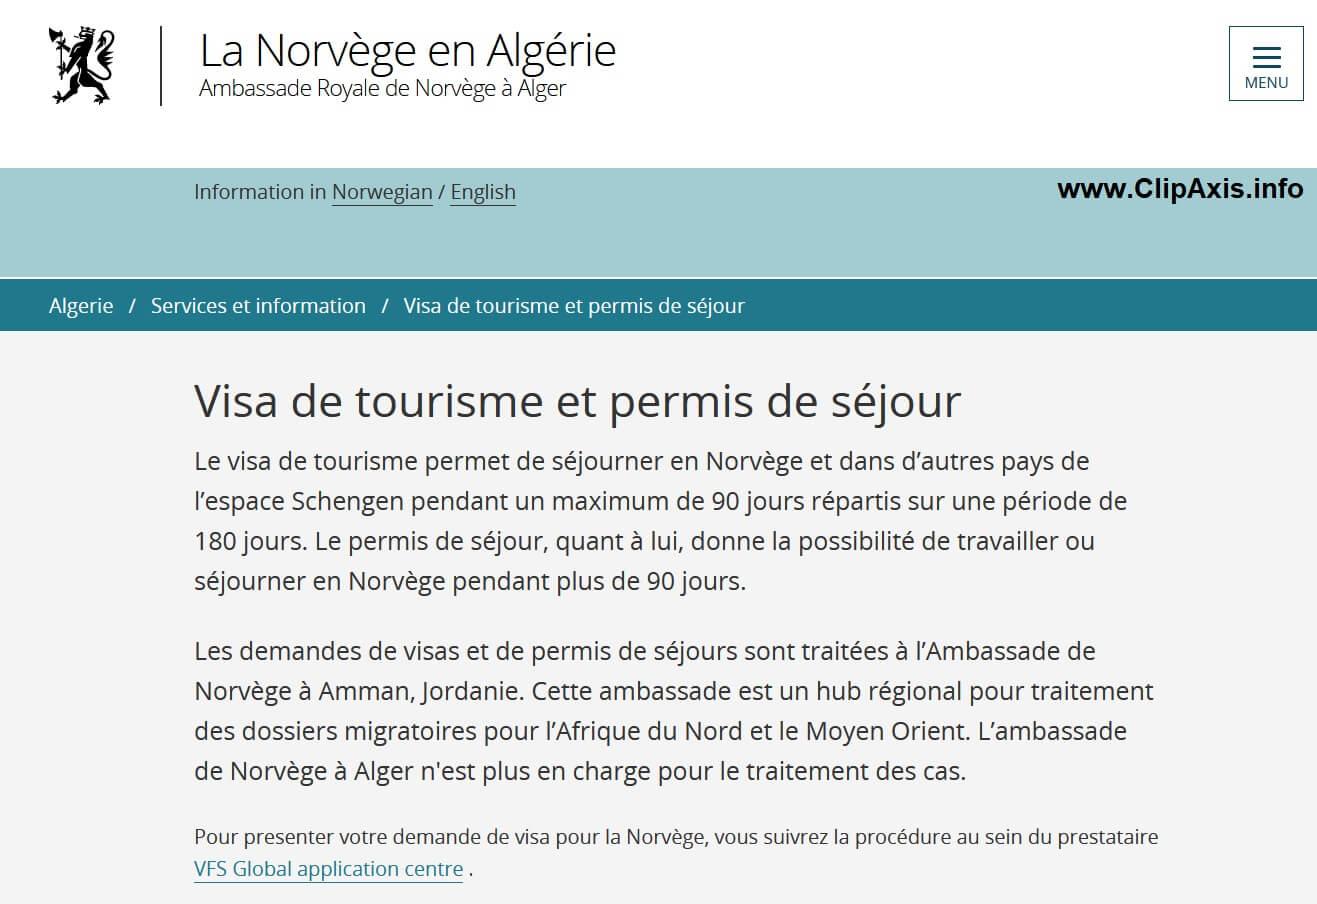 سفارة النرويج في الجزائر